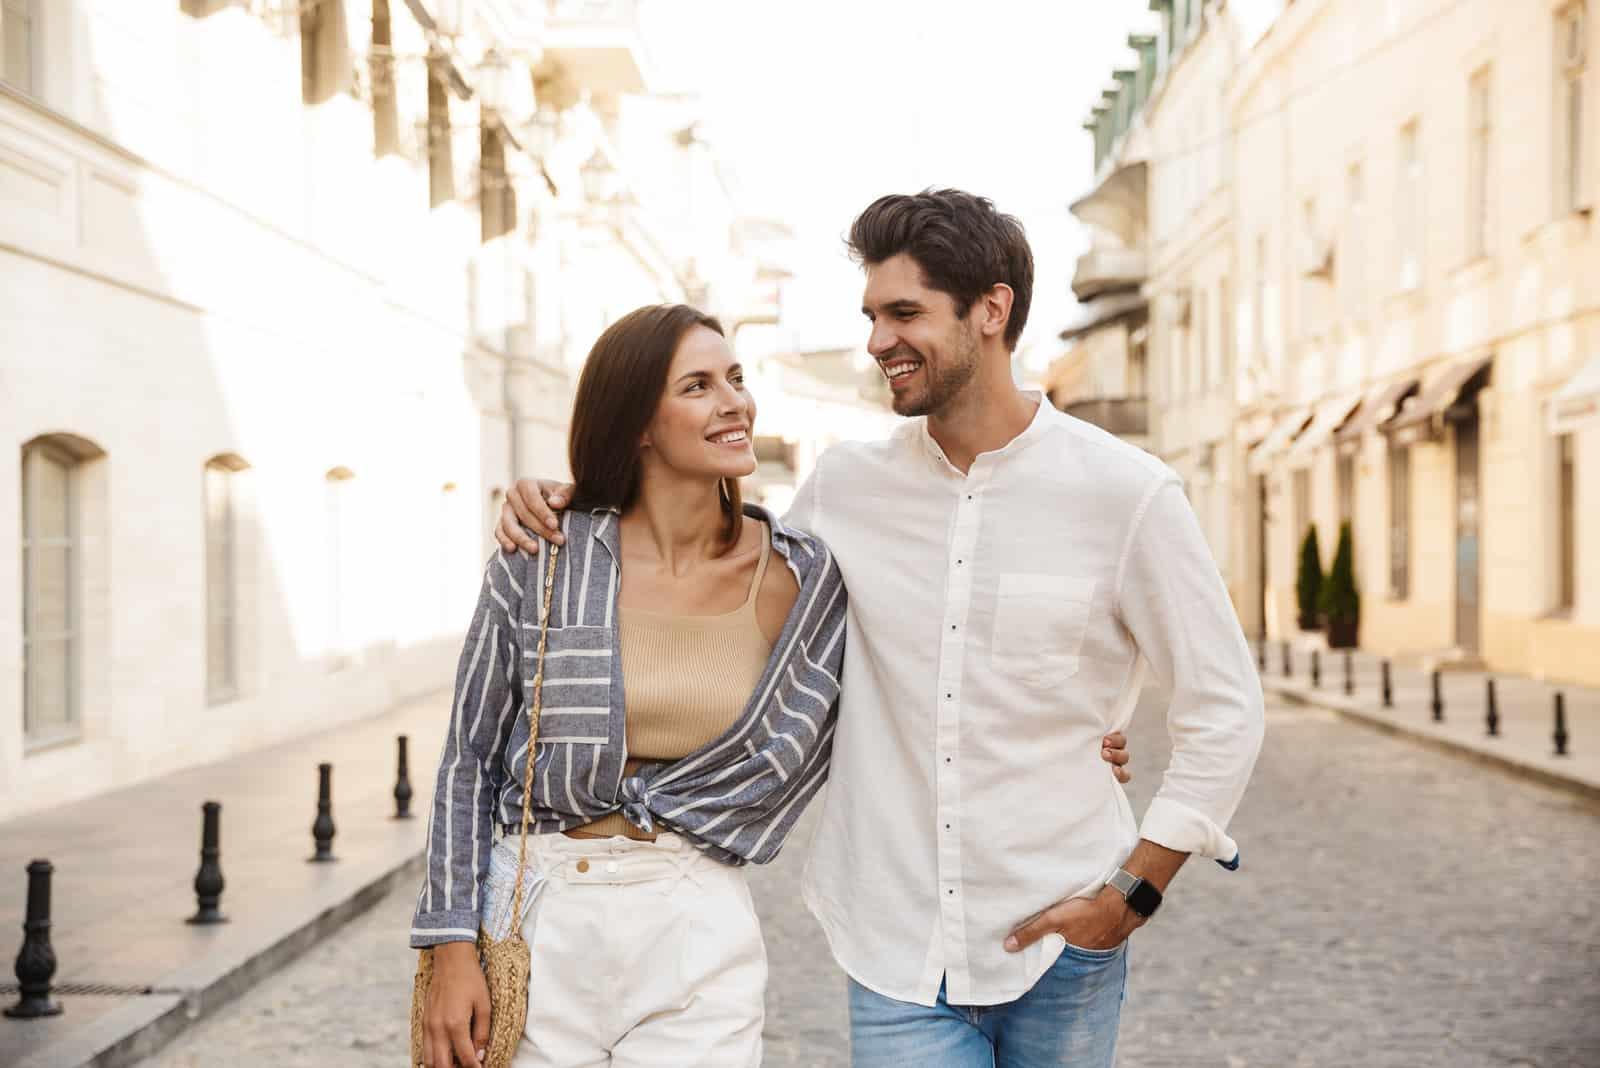 Paar lächelt und umarmt beim Gehen auf der Stadtstraße